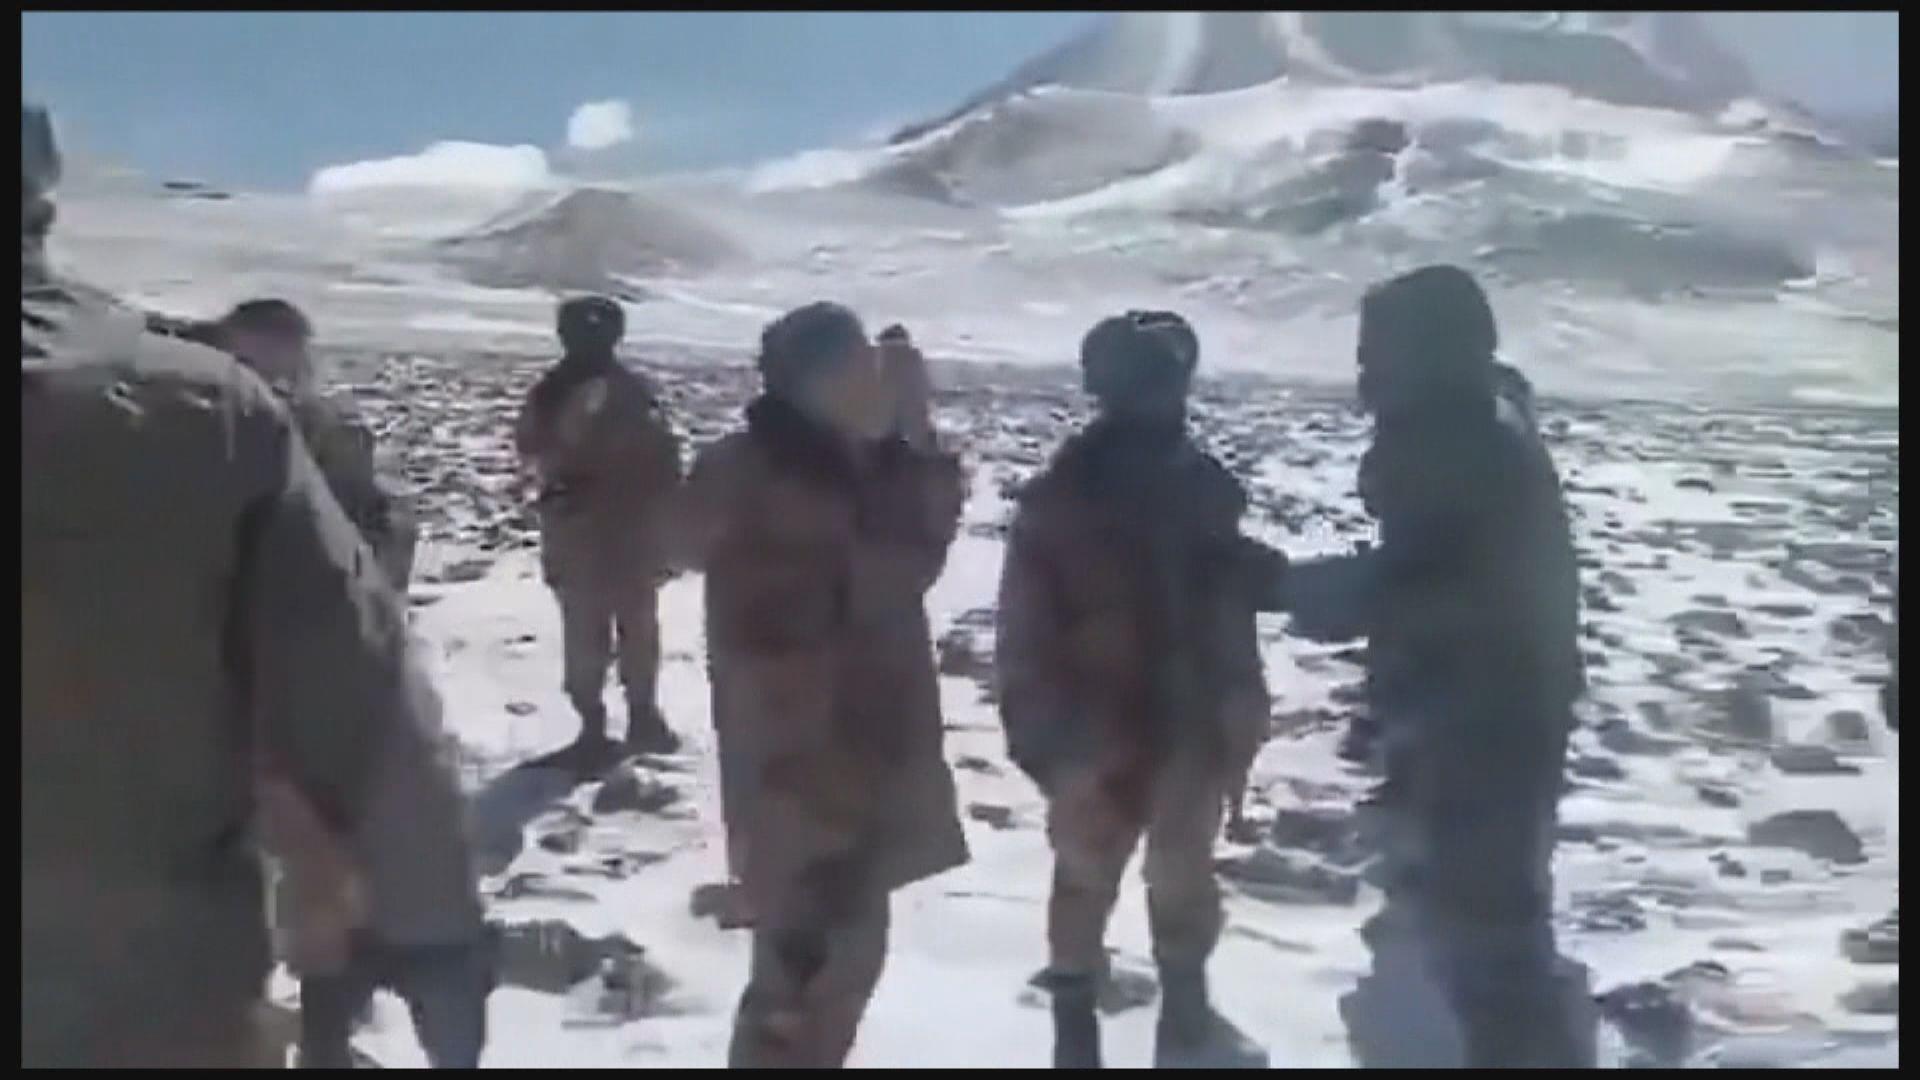 內地傳媒首次承認有解放軍於中印衝突中死亡